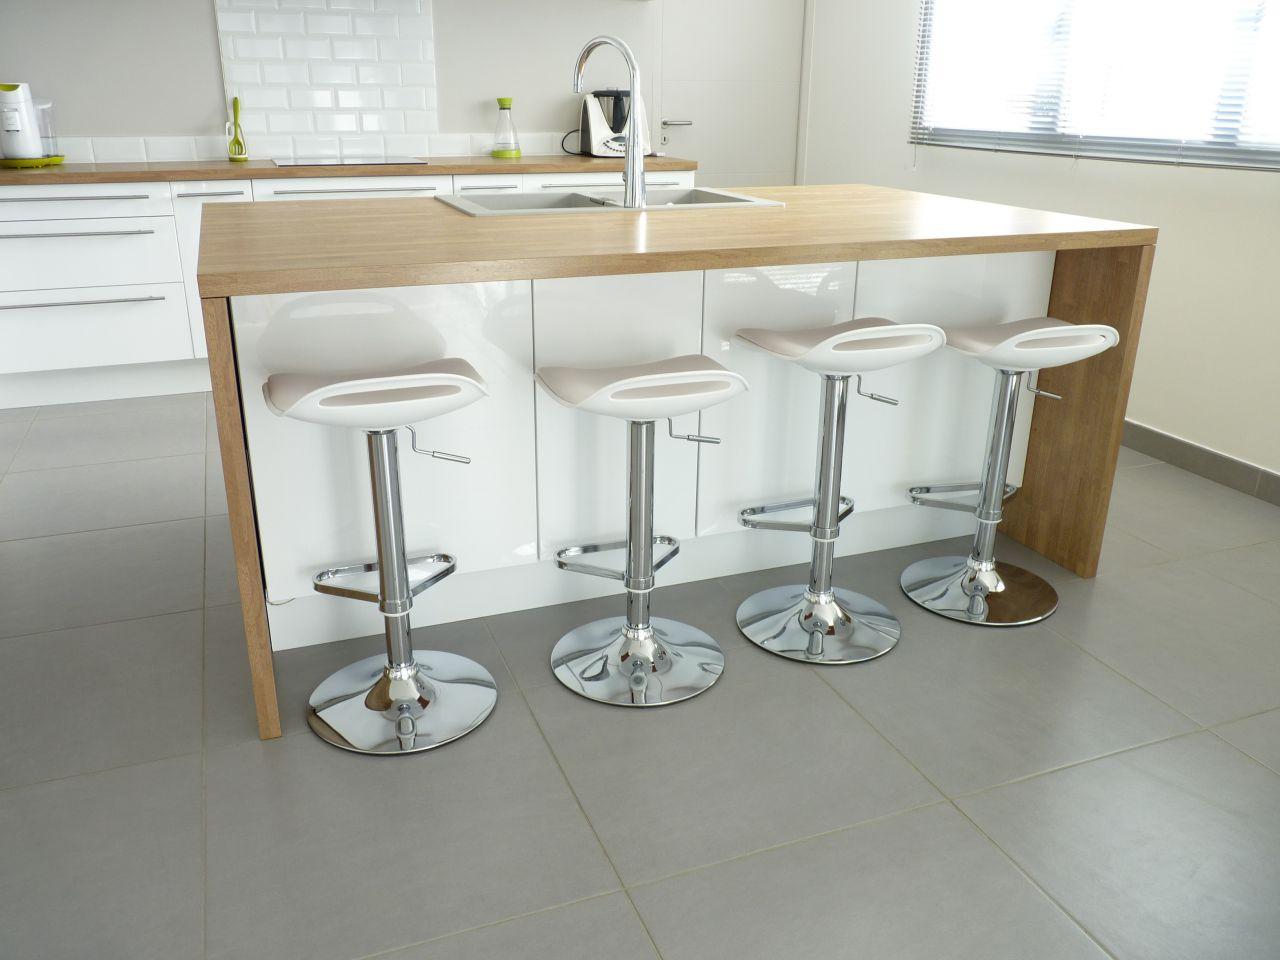 meubles laques blancs et bois